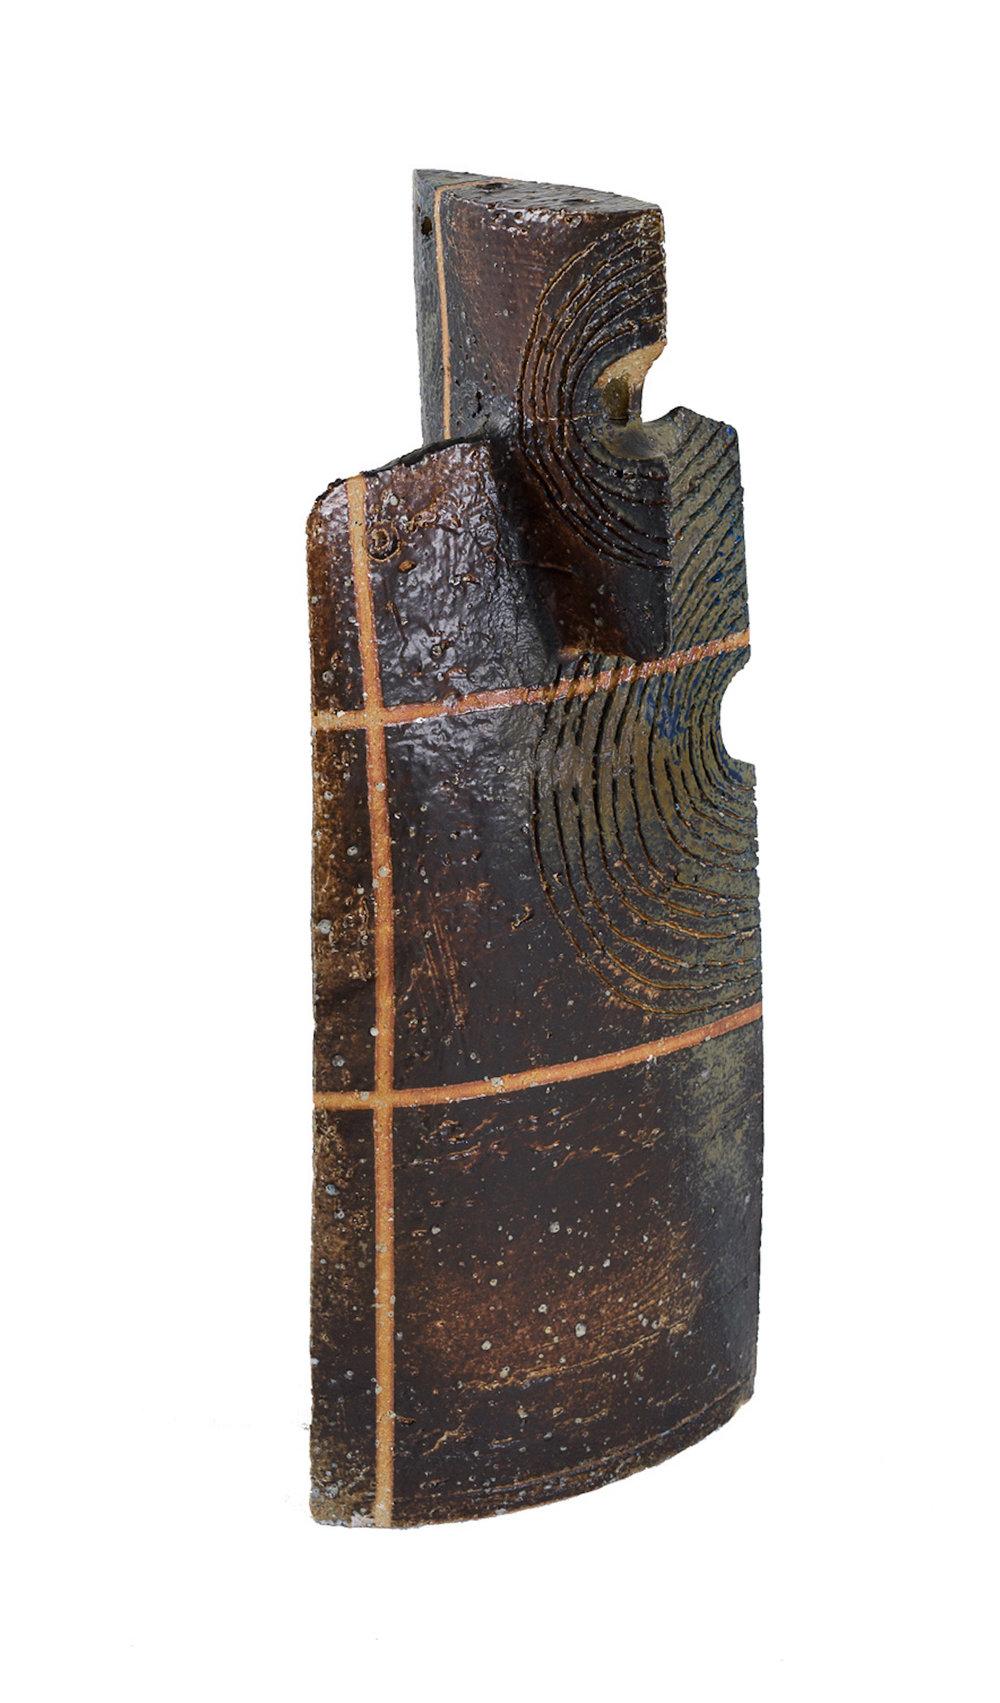 Iskandar Jalil, 'Wedge', stoneware, 46 x 19.5 x 14.5cm. Image courtesy of 33 Auction.